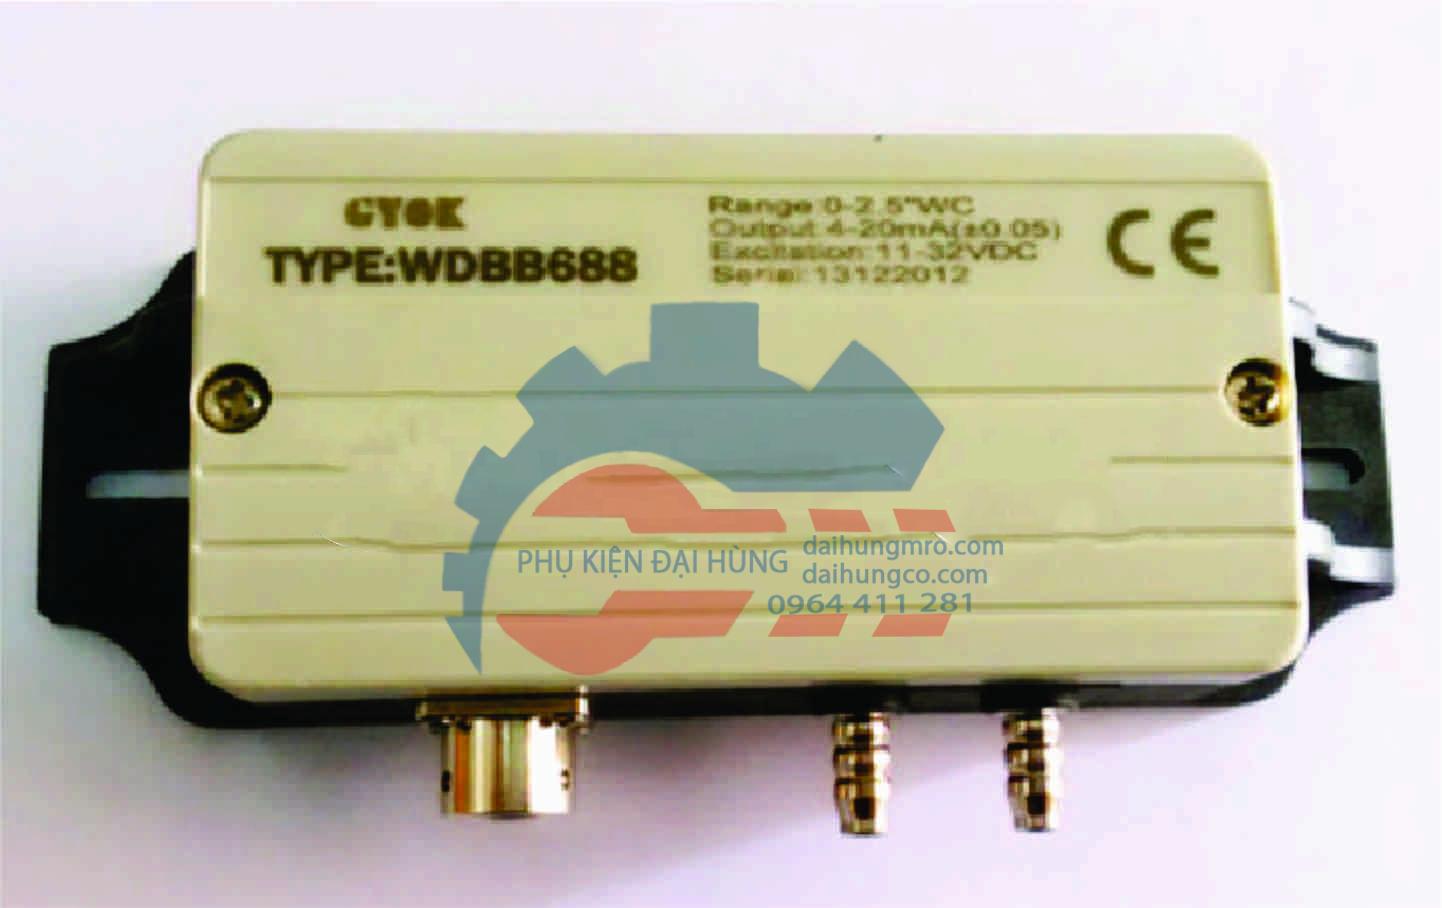 WDBB688 cảm biến áp suất máy chải